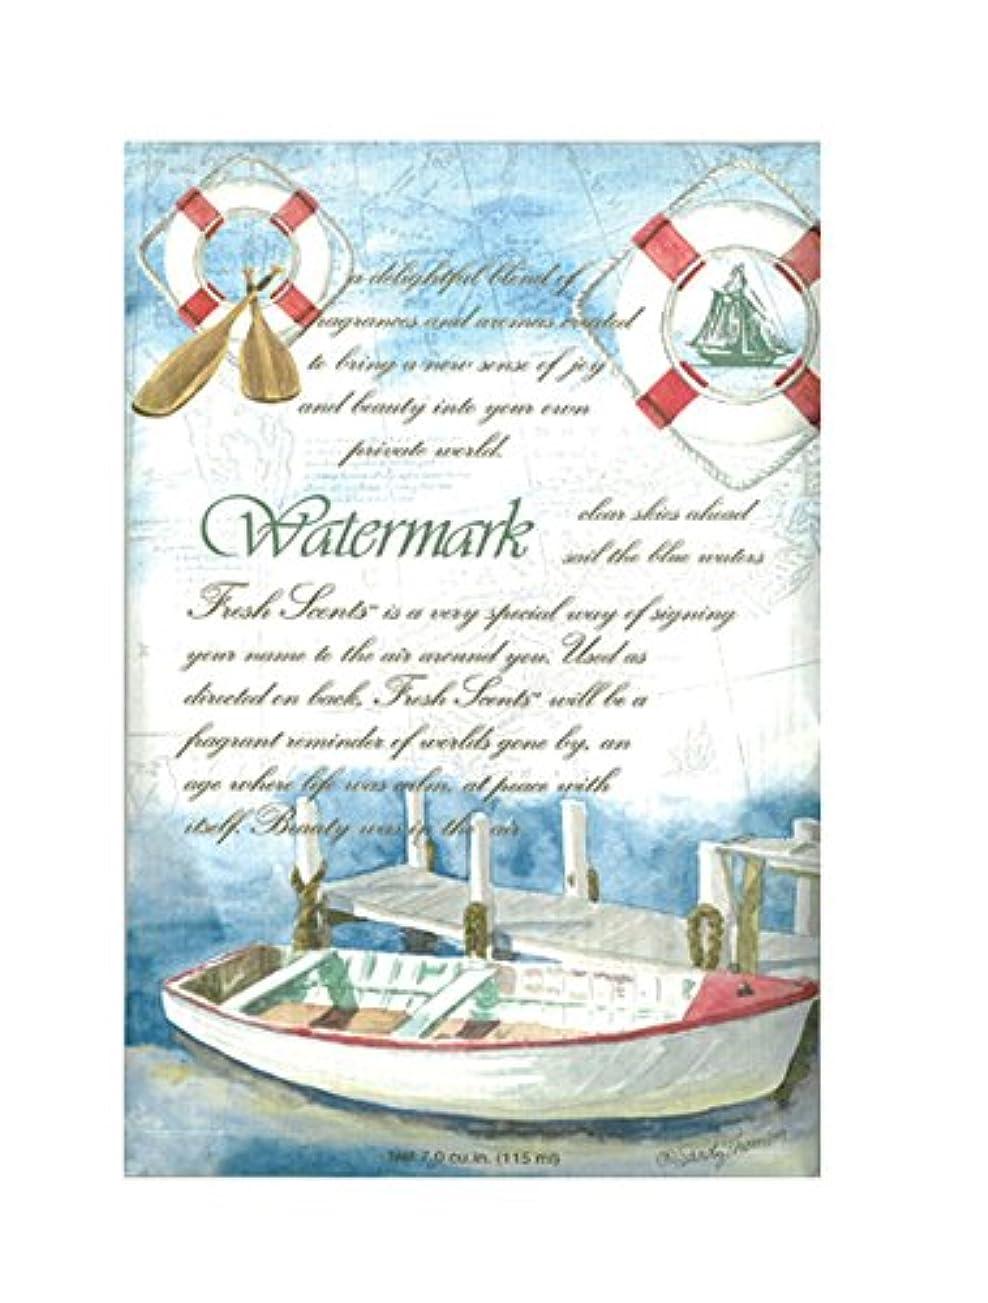 気味の悪い変な熱望するウィローブルック(WILLOWBROOK) フレッシュセンツL ウォーターマーク